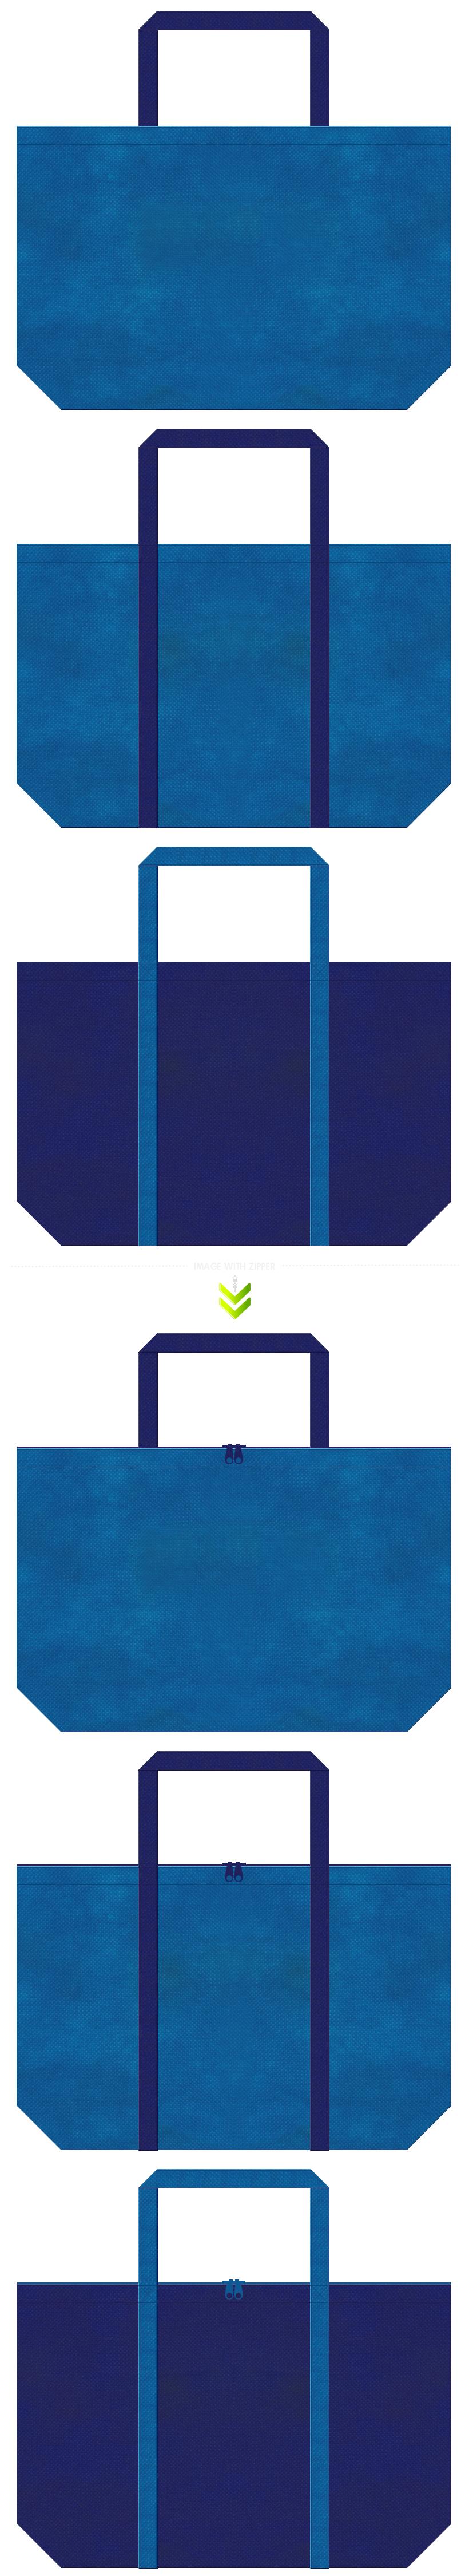 青色と明るい紺色の不織布エコバッグのデザイン。